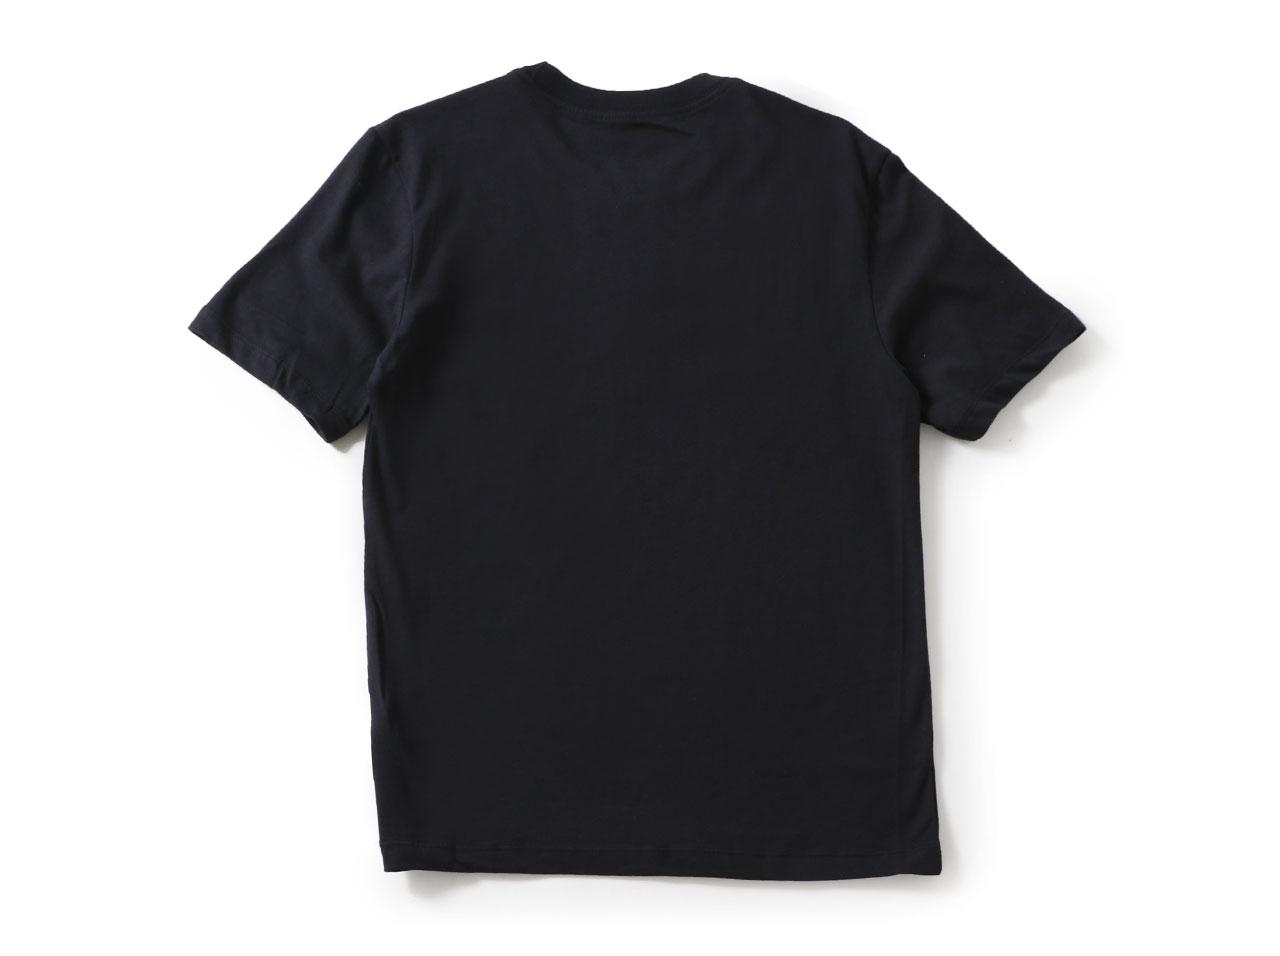 【SALE】NIKE SB EMB LOGO TSHIRT - BLACK